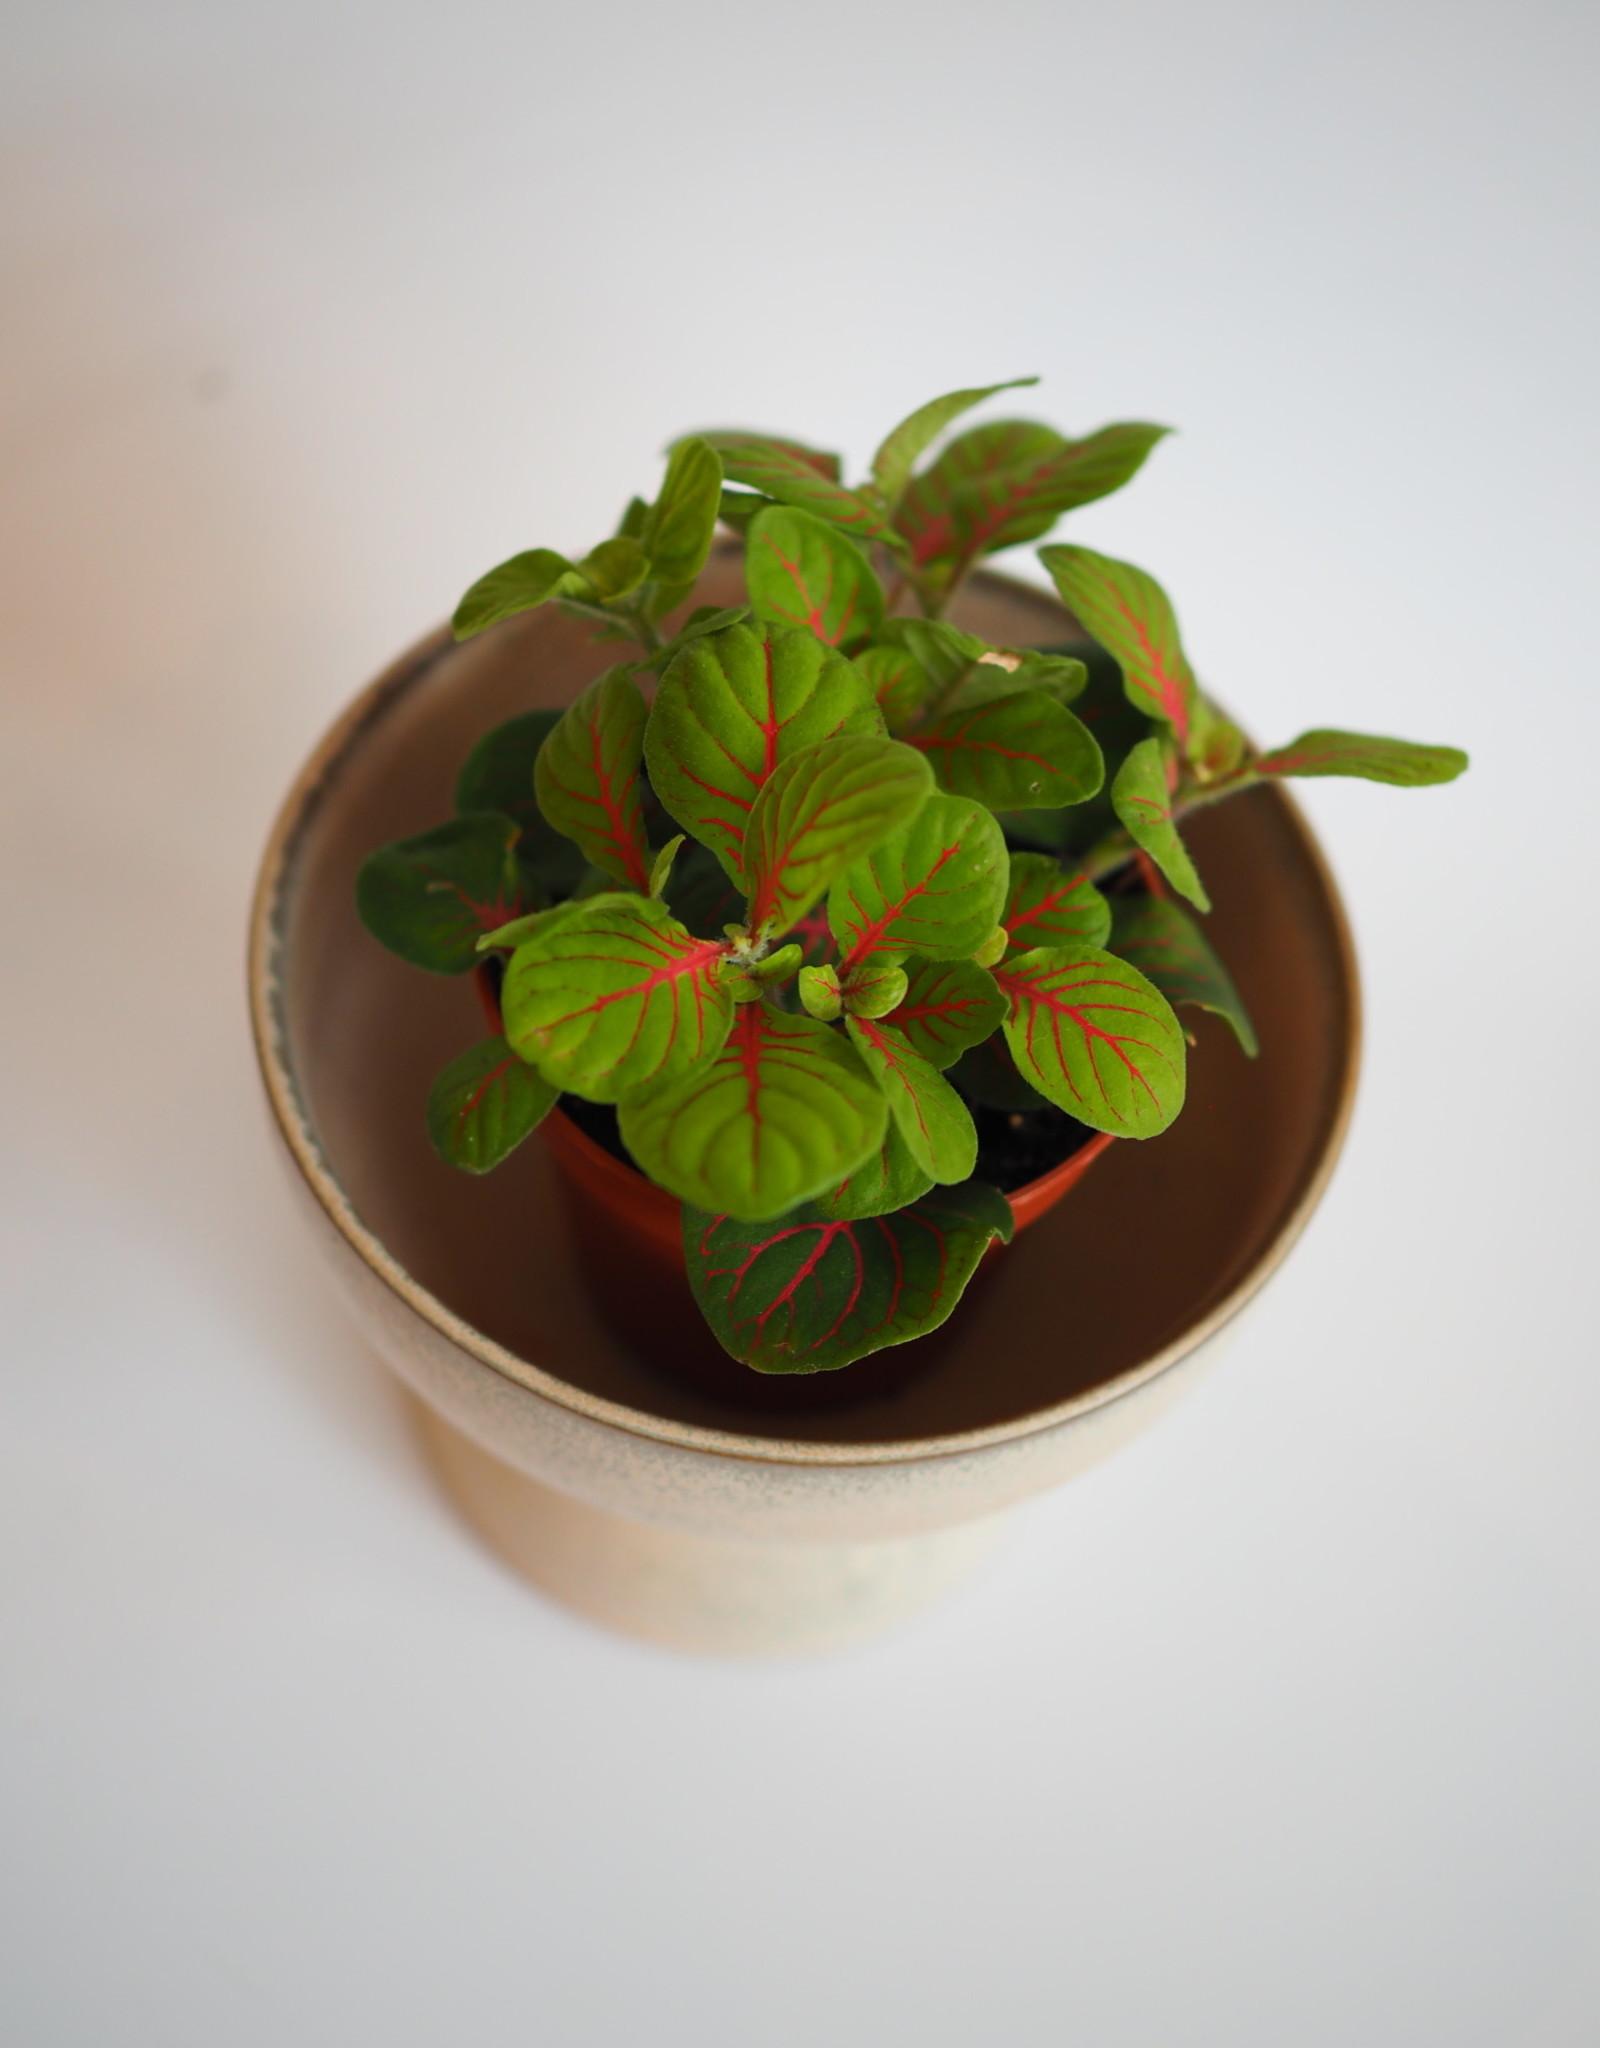 GRUUN Fittonia Specials Red Vein ∅8 h10